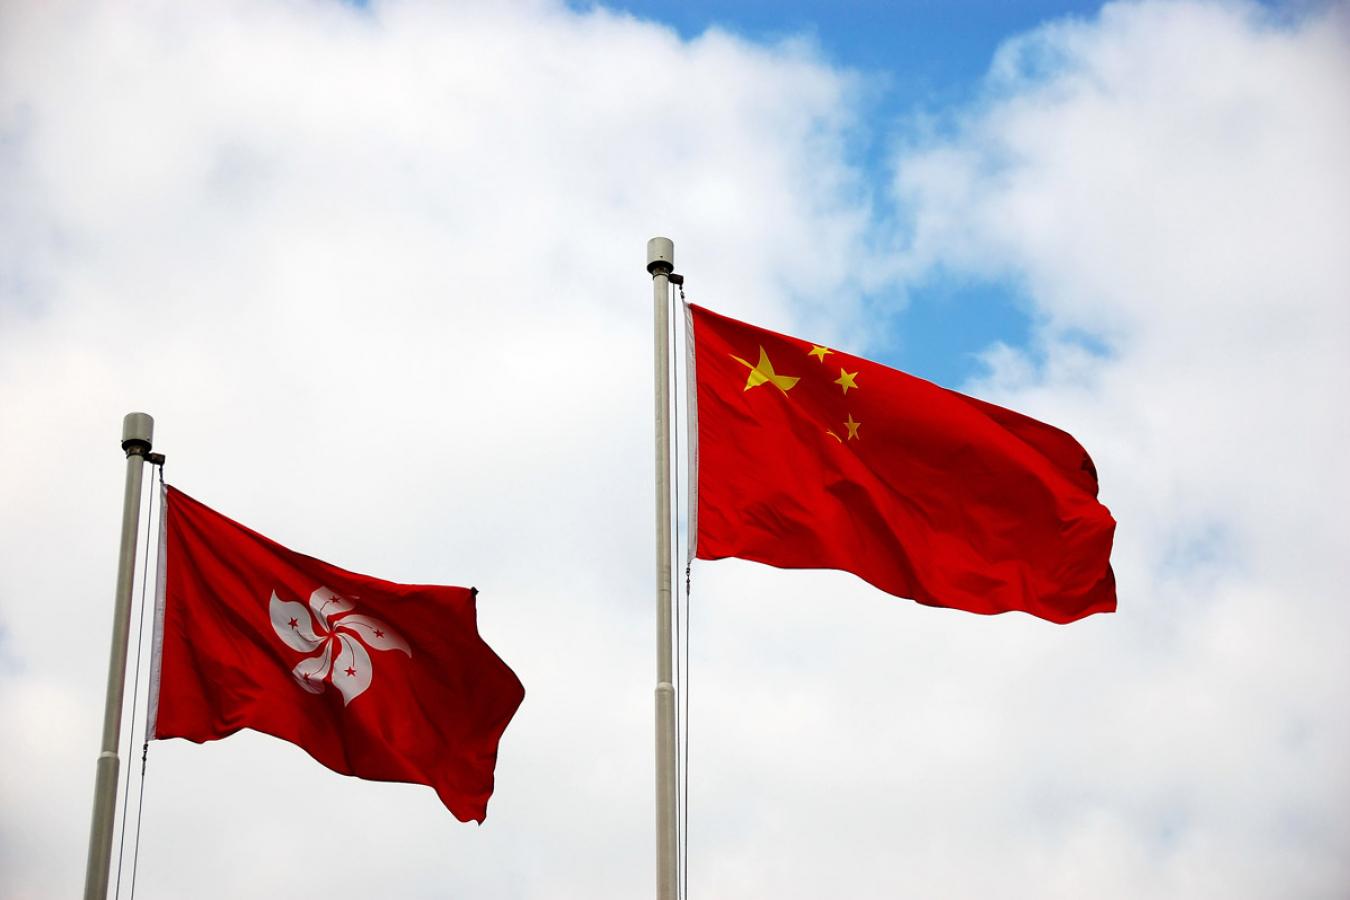 Flags of Hongkong & China